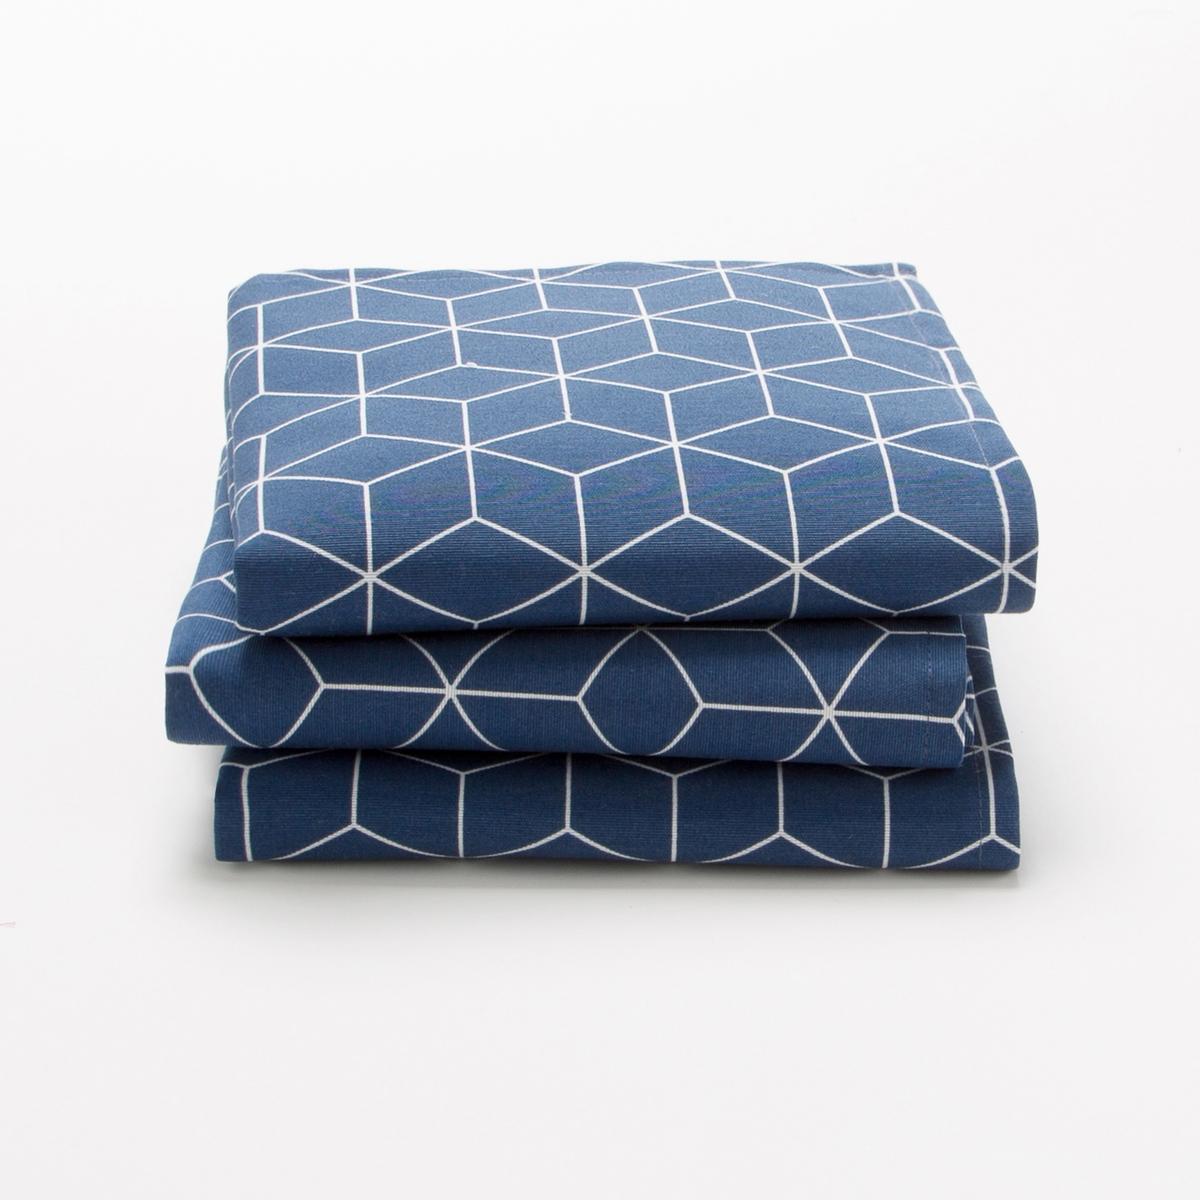 Комплект из 3 салфеток DIAMOND La Redoute La Redoute 45 x 45 см синий комплект из салфеток из la redoute льна и хлопка border 45 x 45 см бежевый